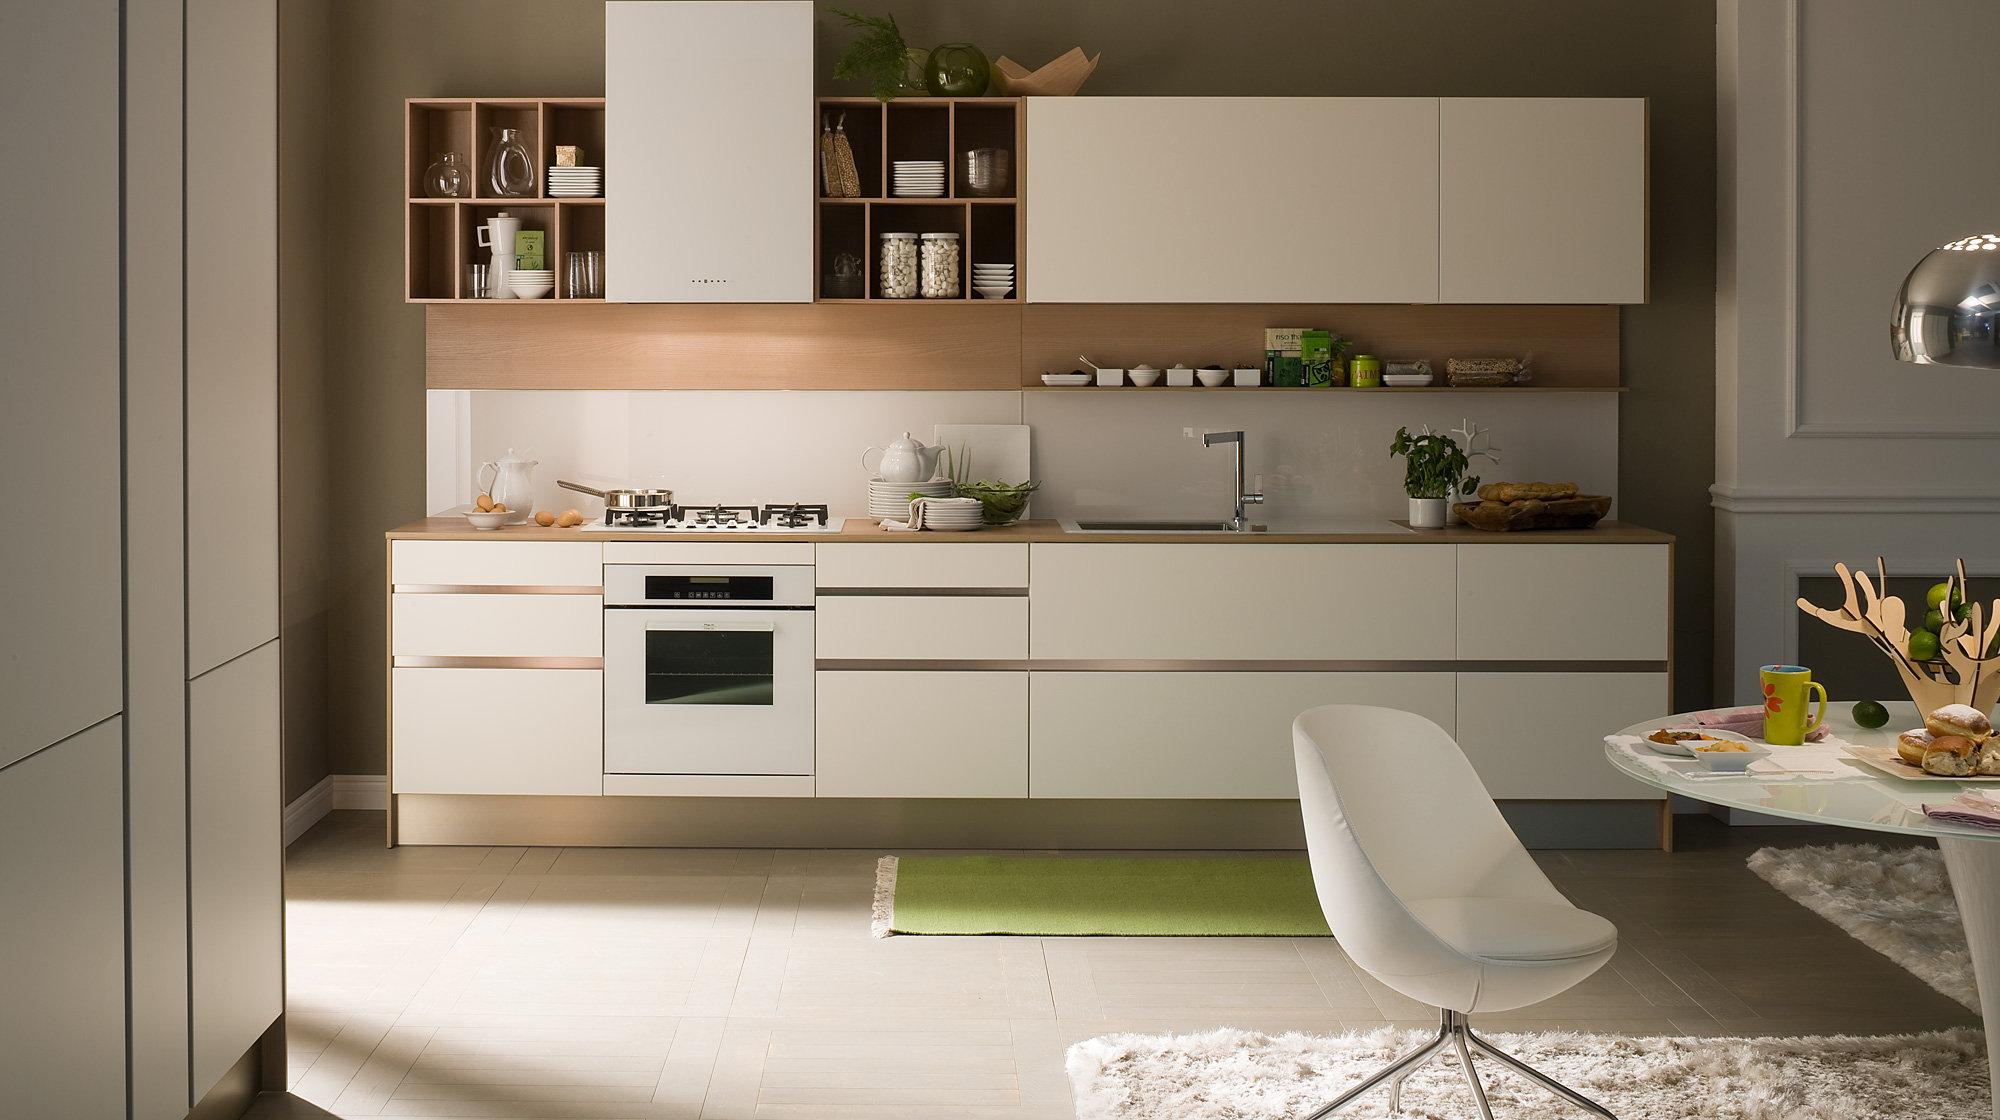 Бежево-коричневая кухня в стиле модерн